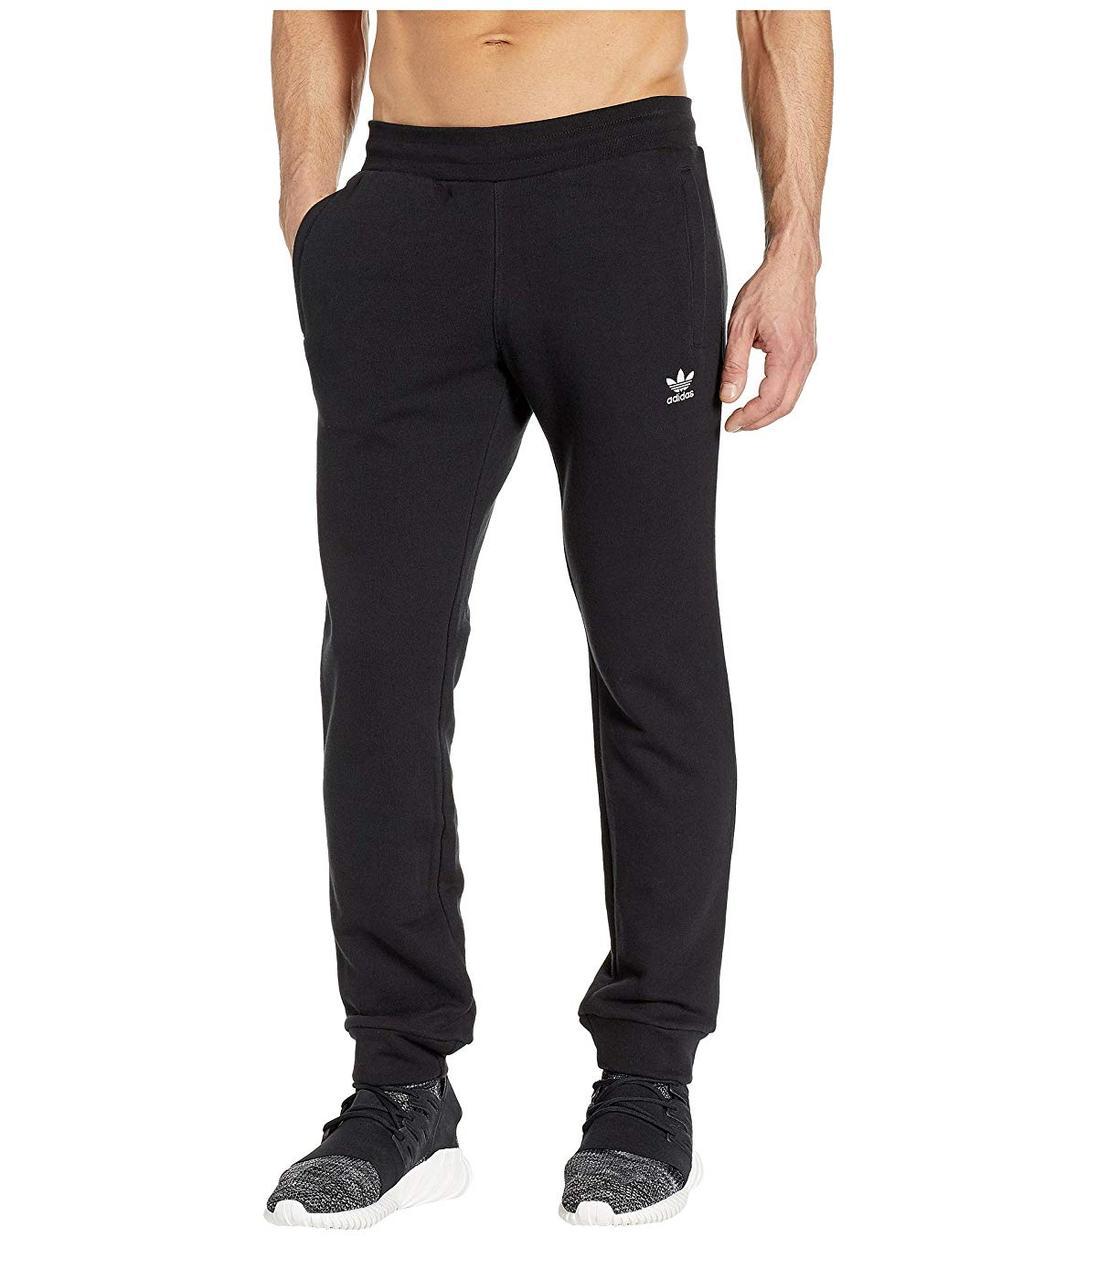 d2598561bd625c Штаны Adidas Originals Trefoil Pants Black - Оригинал — в Категории ...